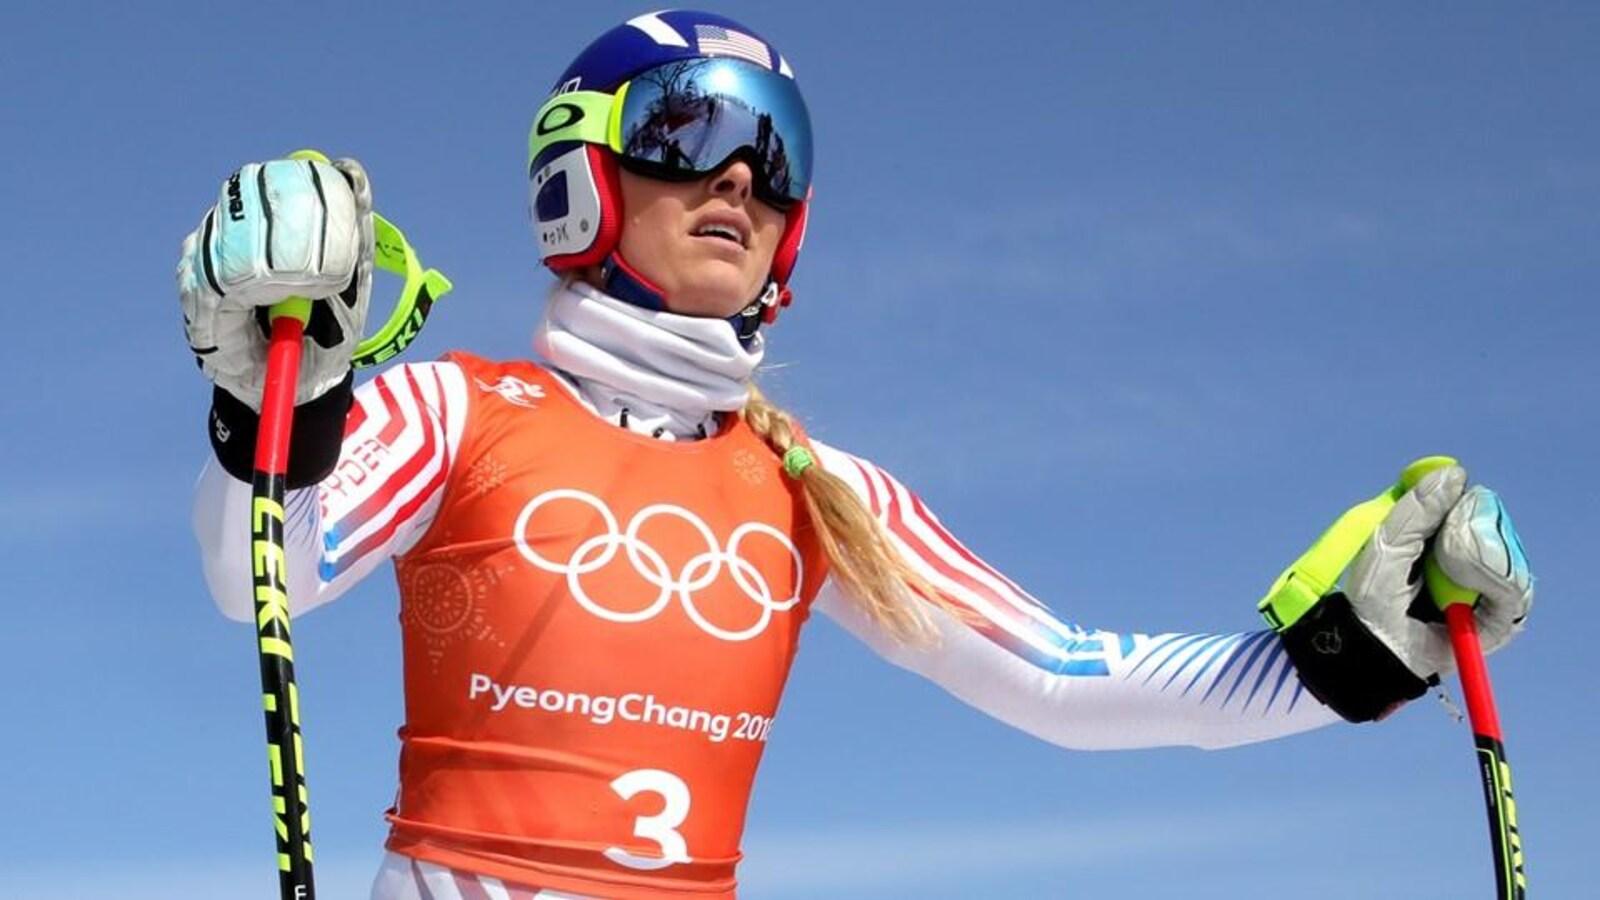 L'Américaine Lindsey Vonn en haut de la piste à Pyeongchang